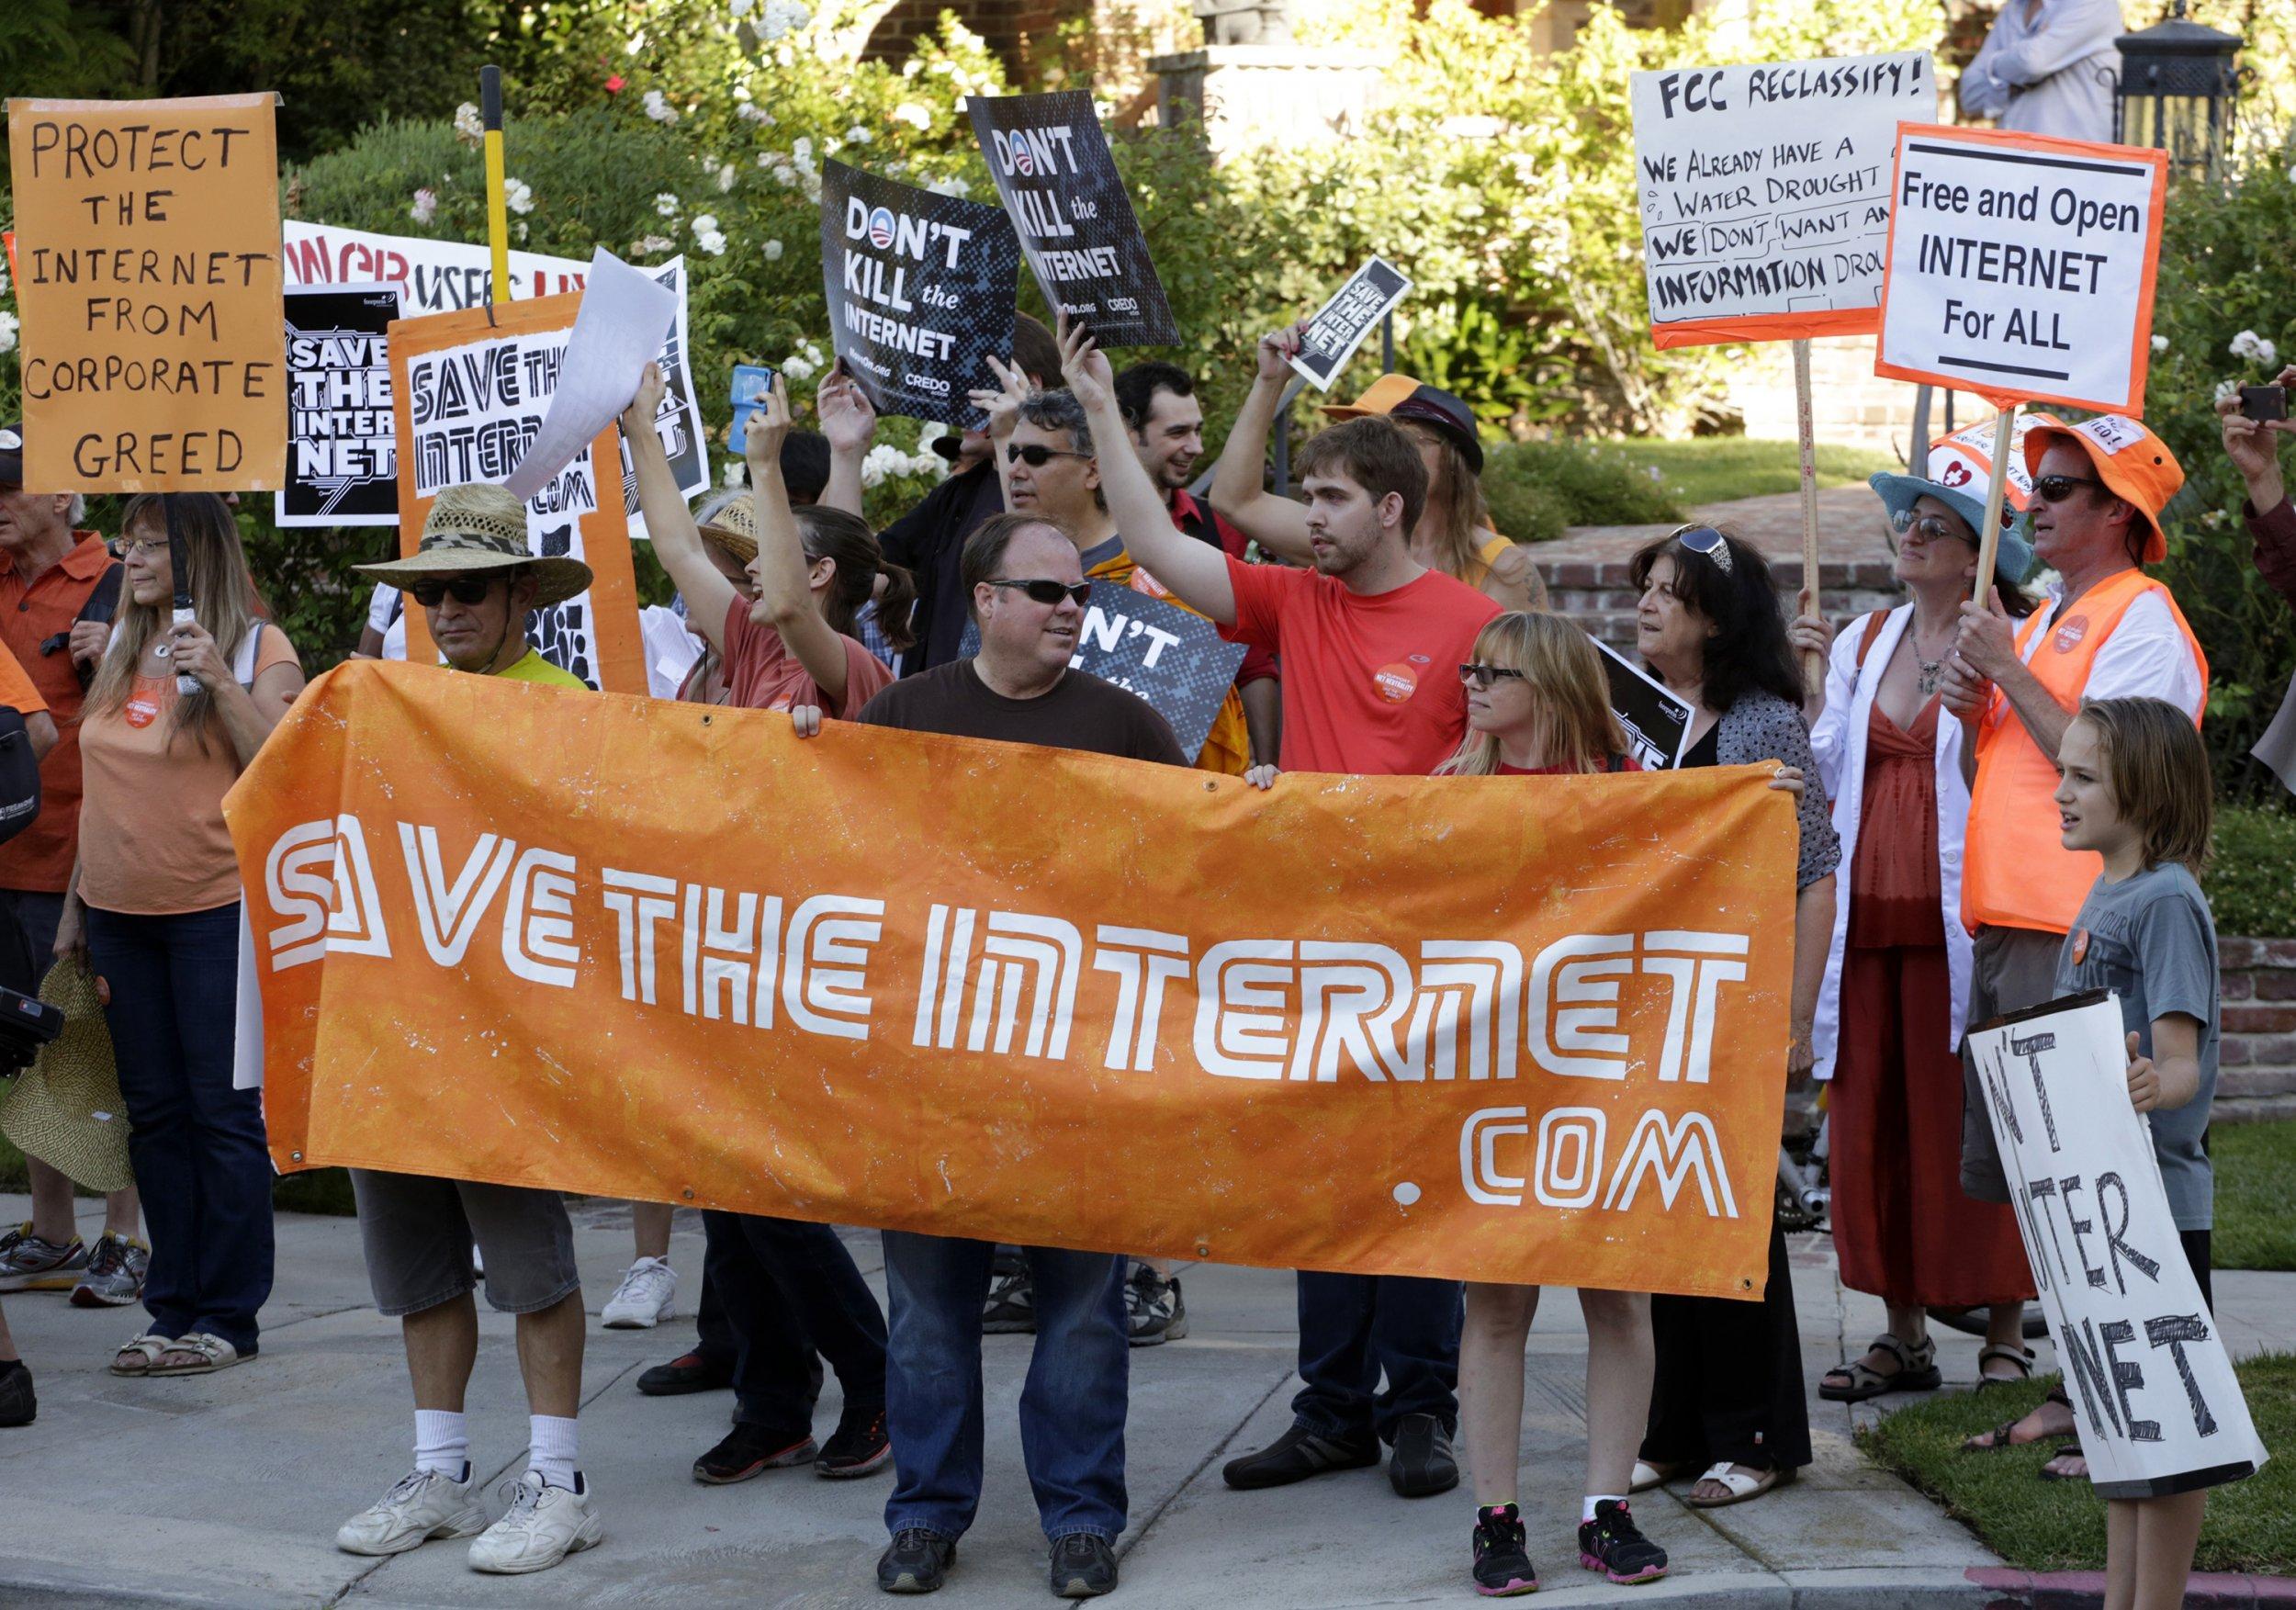 NetNeutProtest